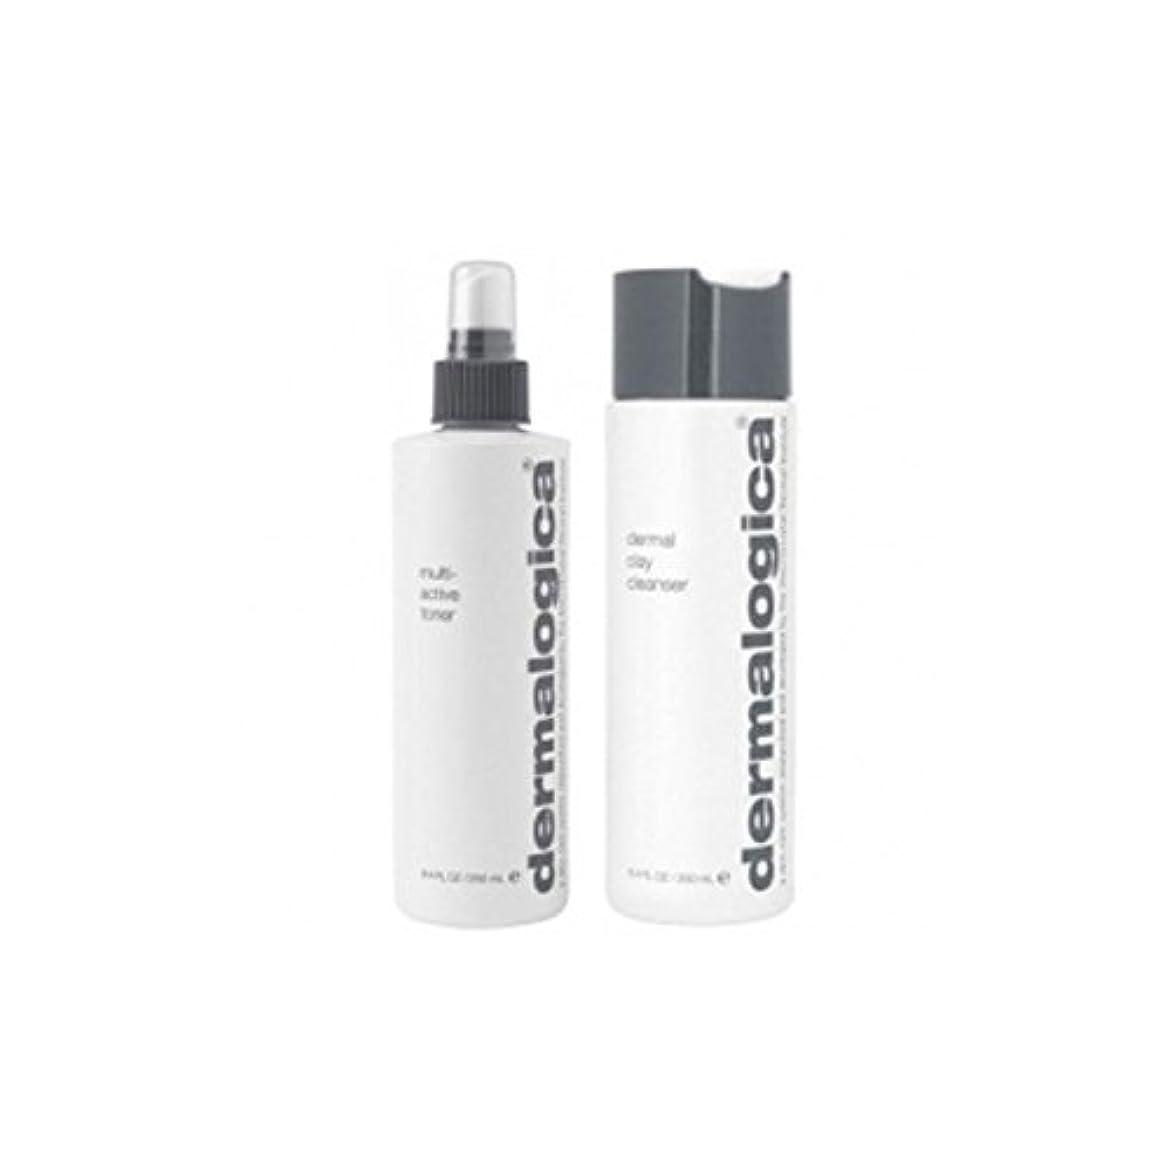 ポール薄暗いハーブDermalogica Cleanse & Tone Duo - Oily Skin (2 Products) - ダーマロジカクレンジング&トーンデュオ - 脂性肌(2製品) [並行輸入品]